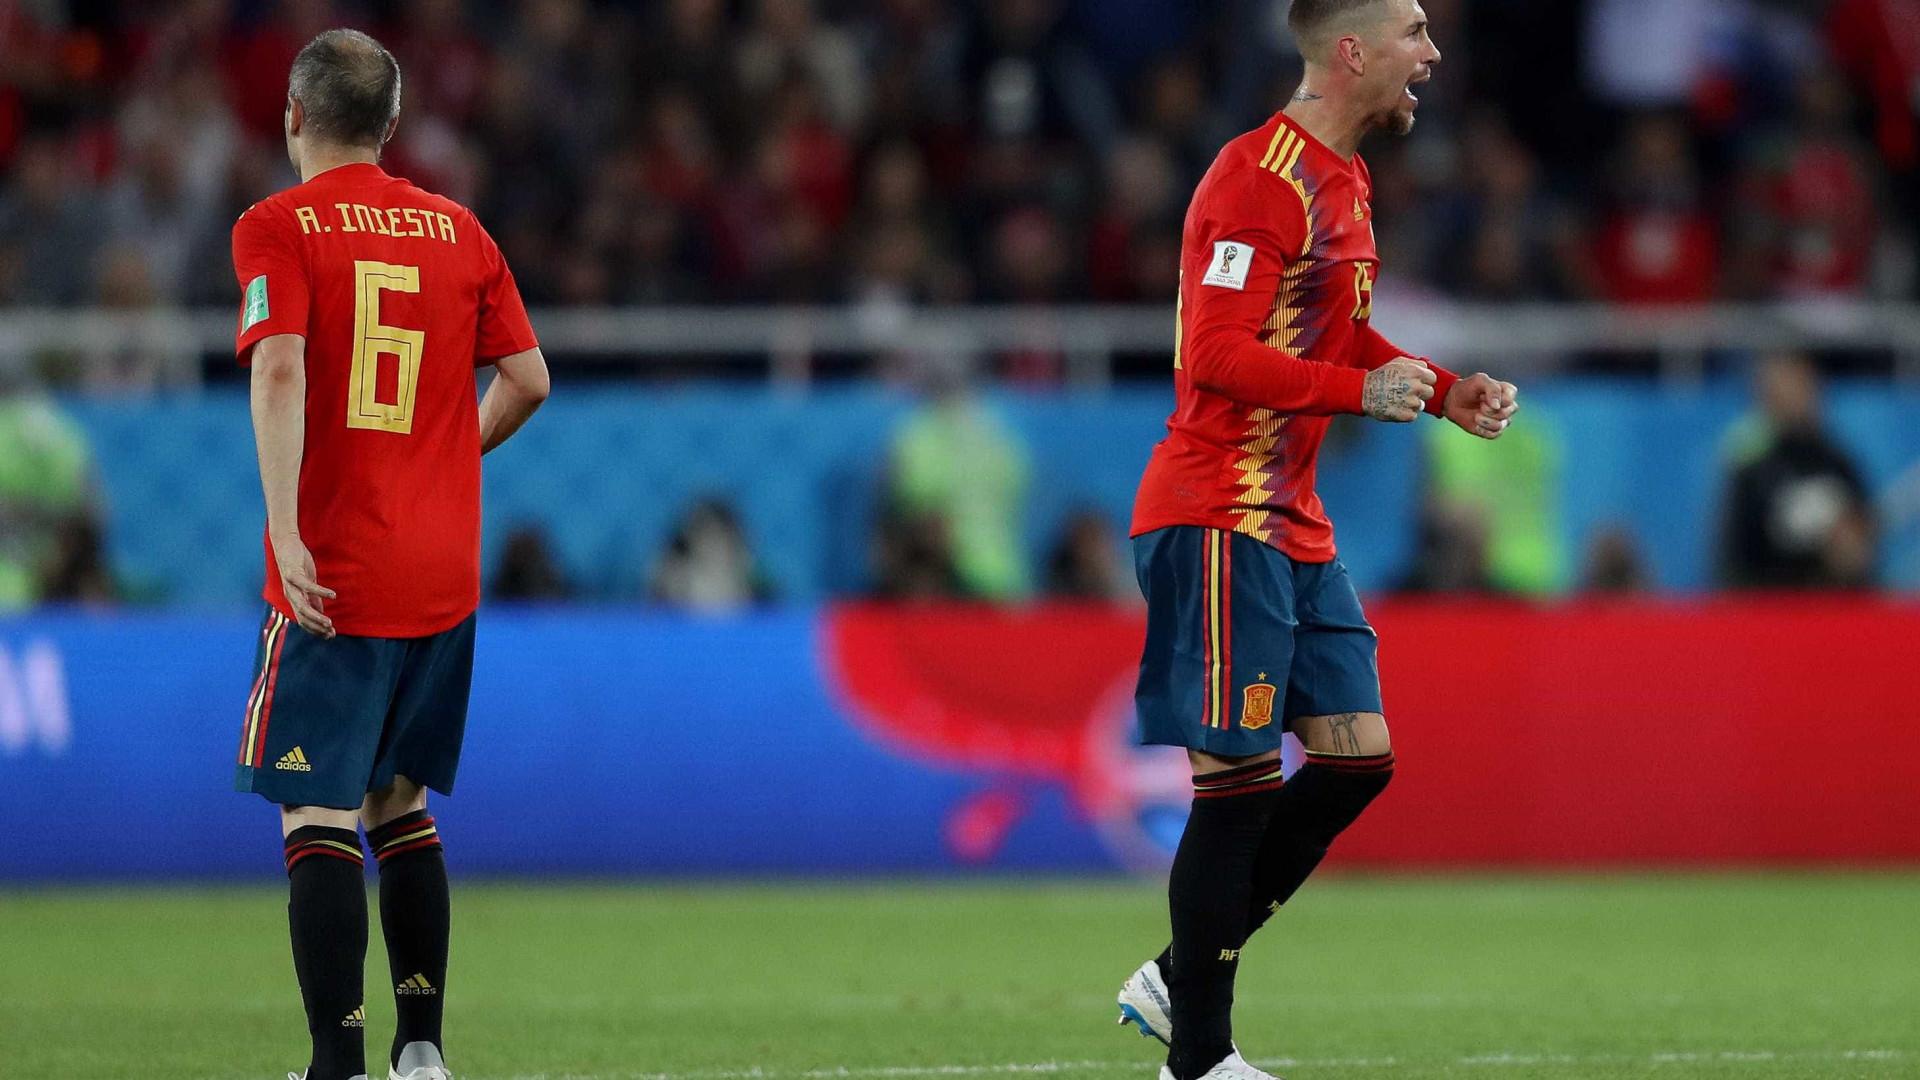 Espanha se salva com gol no fim, empata com Marrocos e avança em 1º